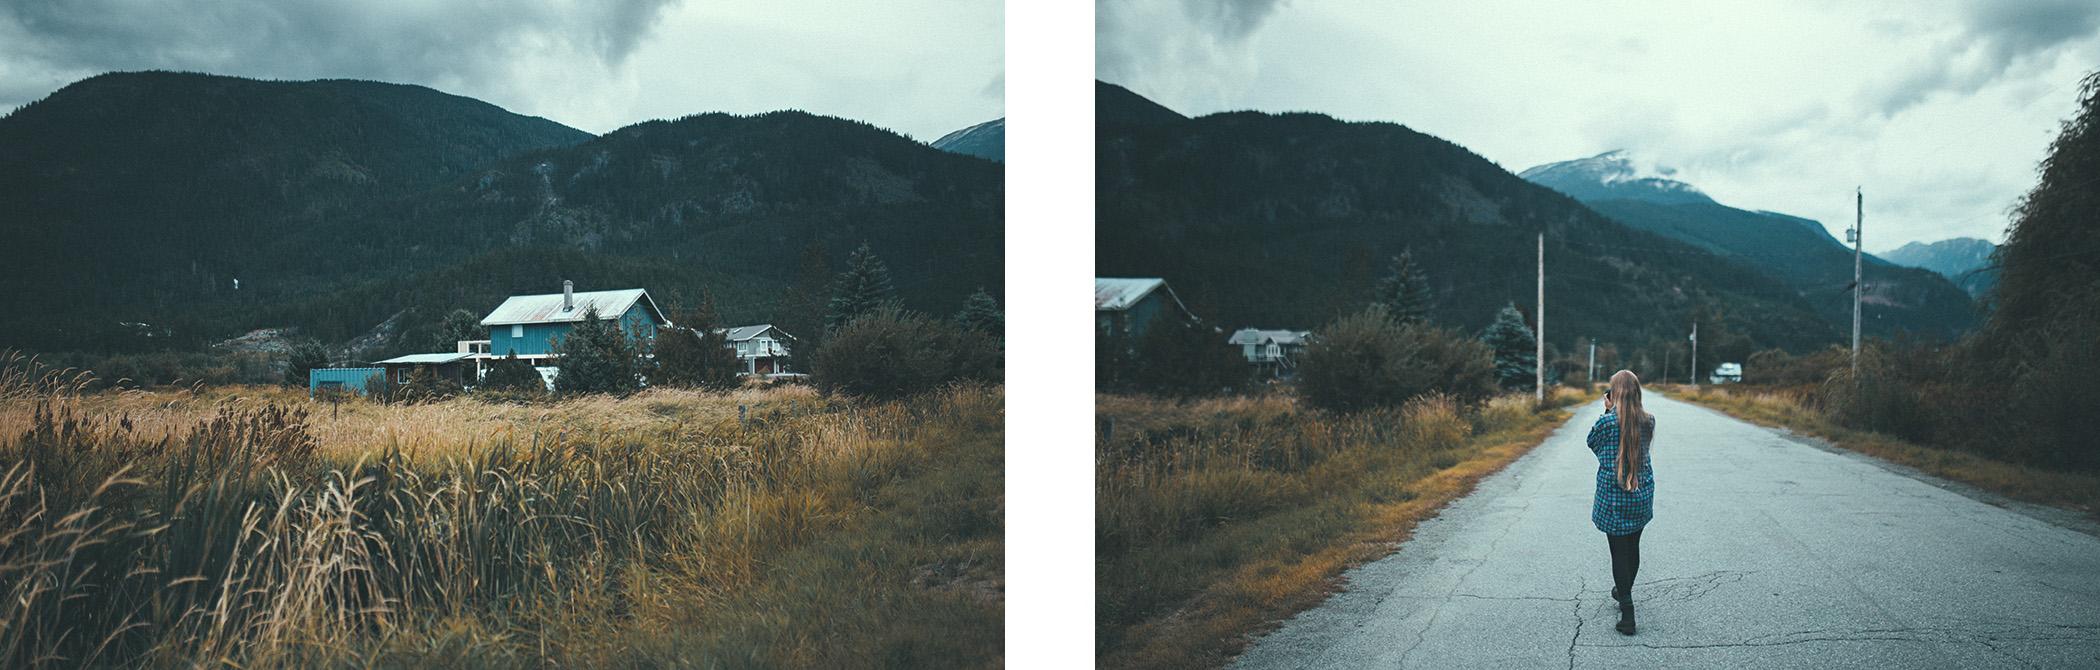 Kanada, Mt. Curie